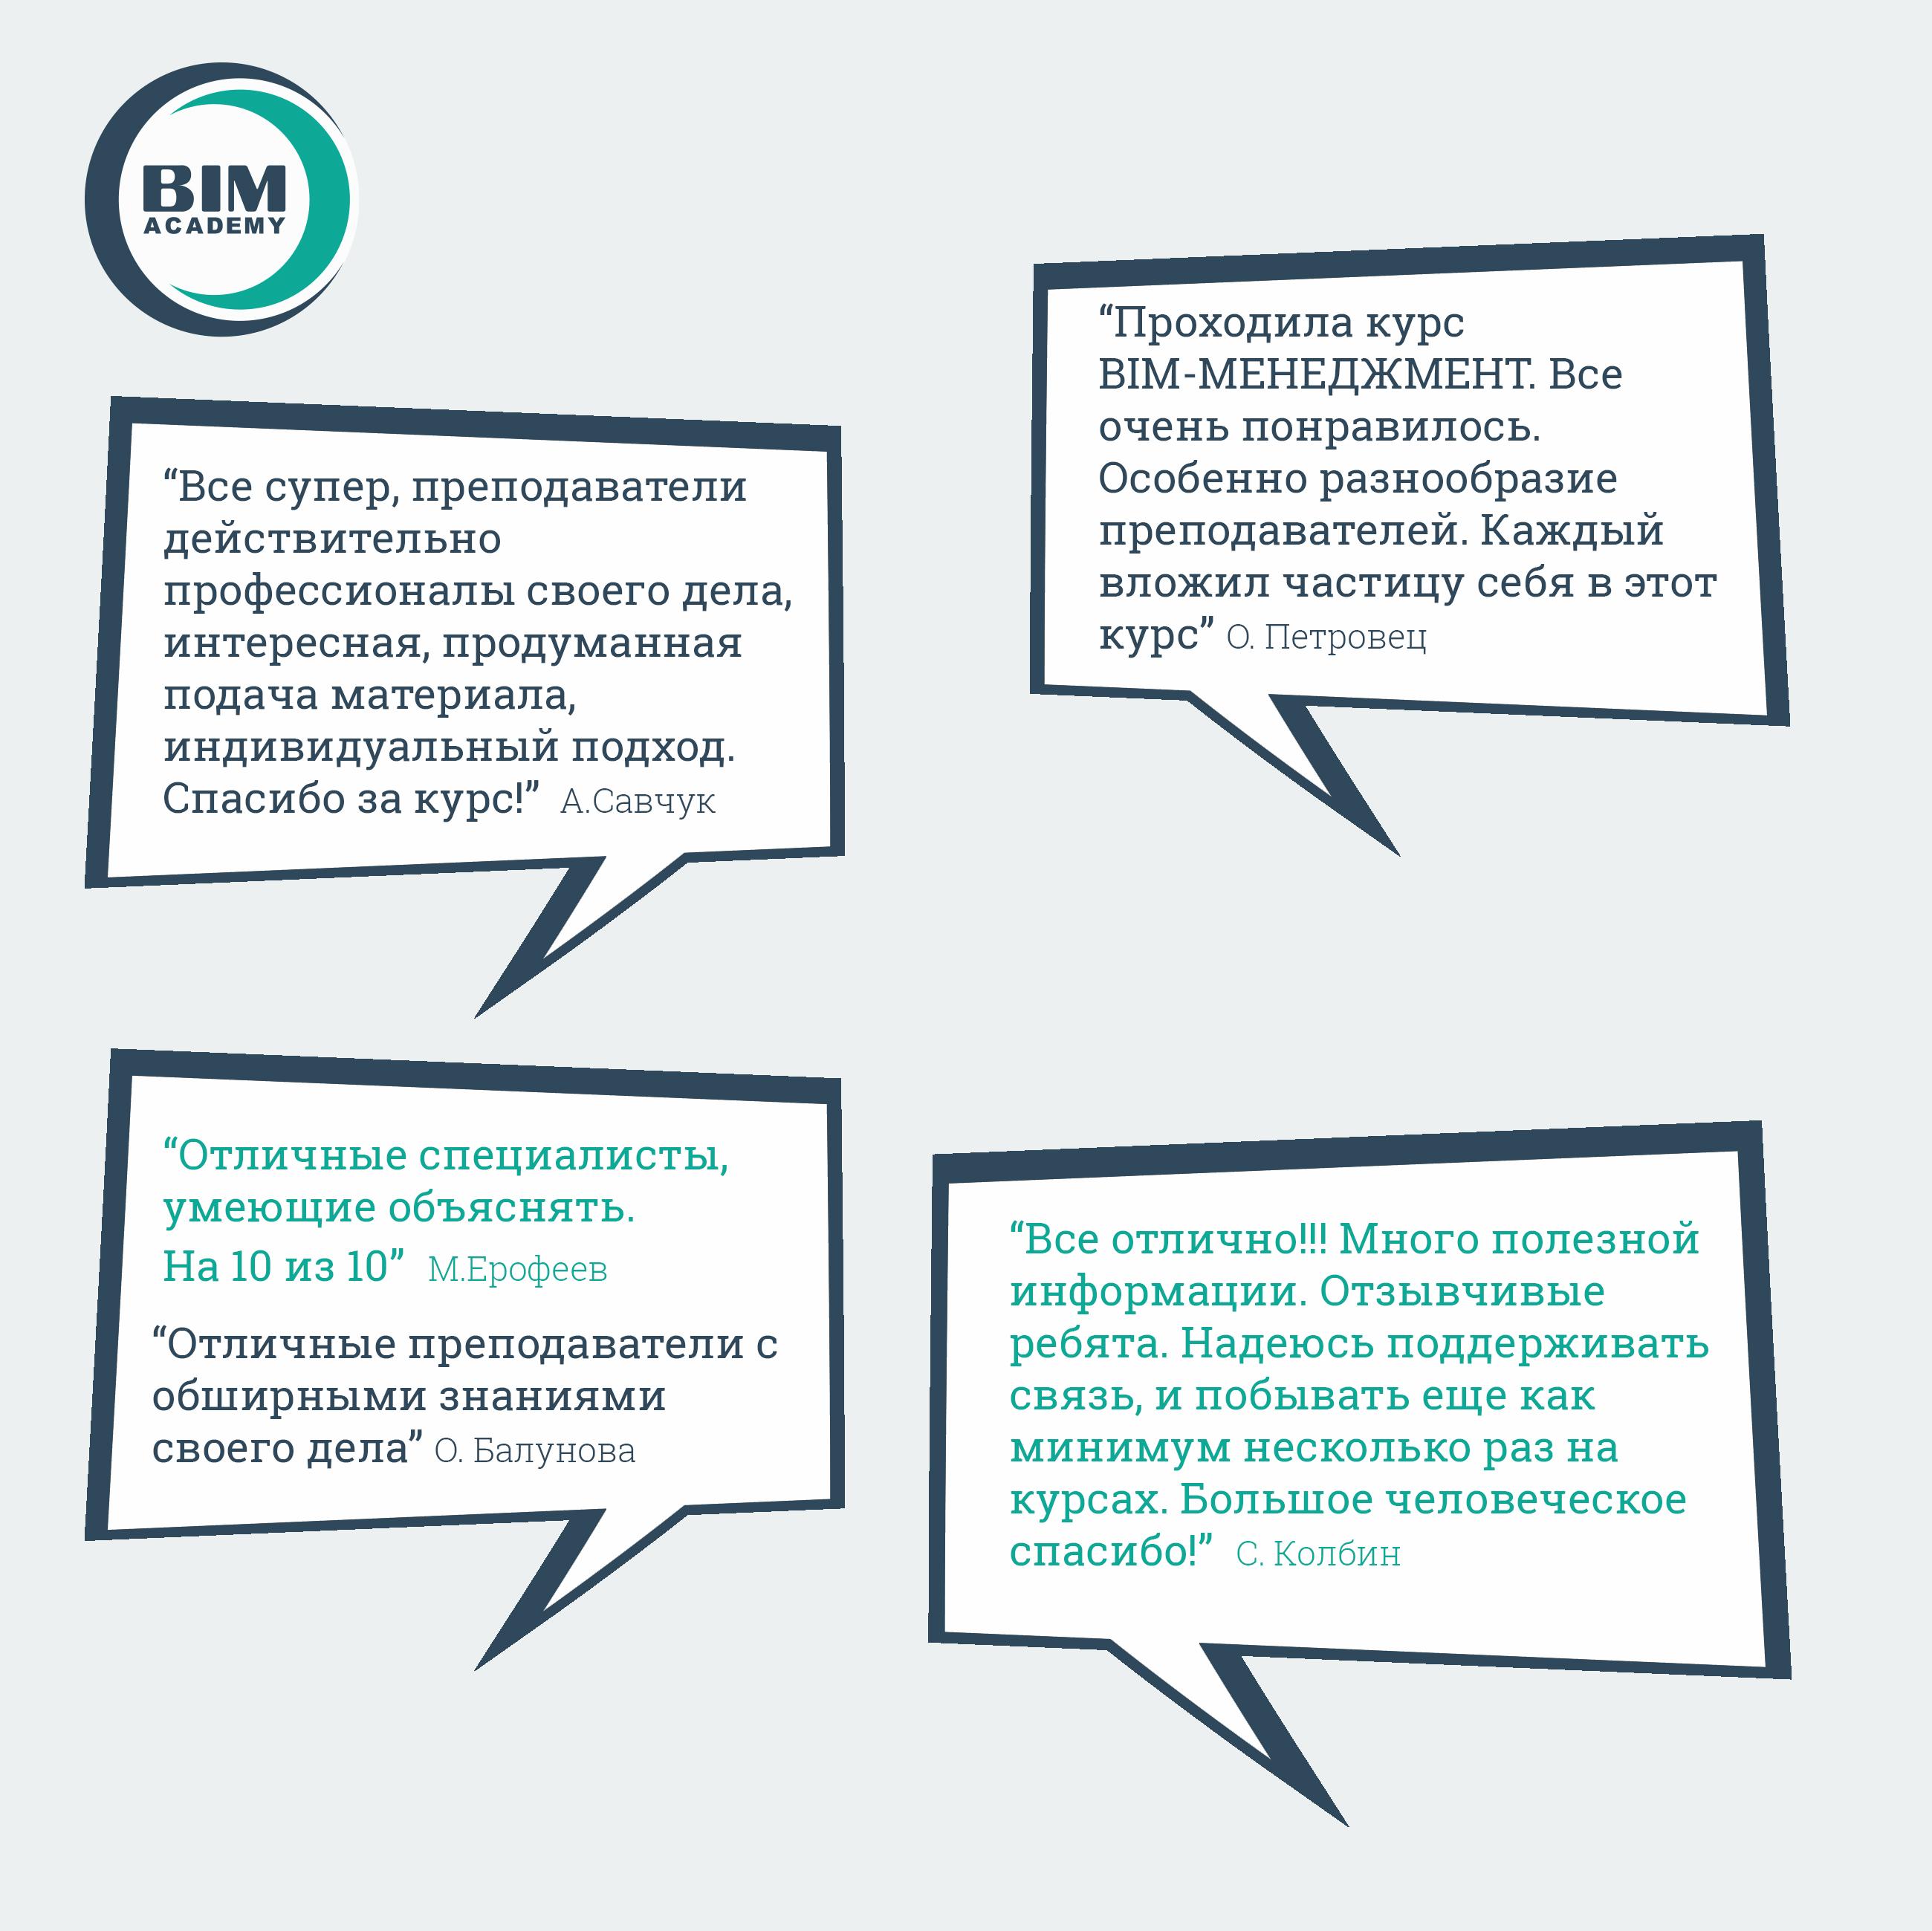 BIM-менеджмент